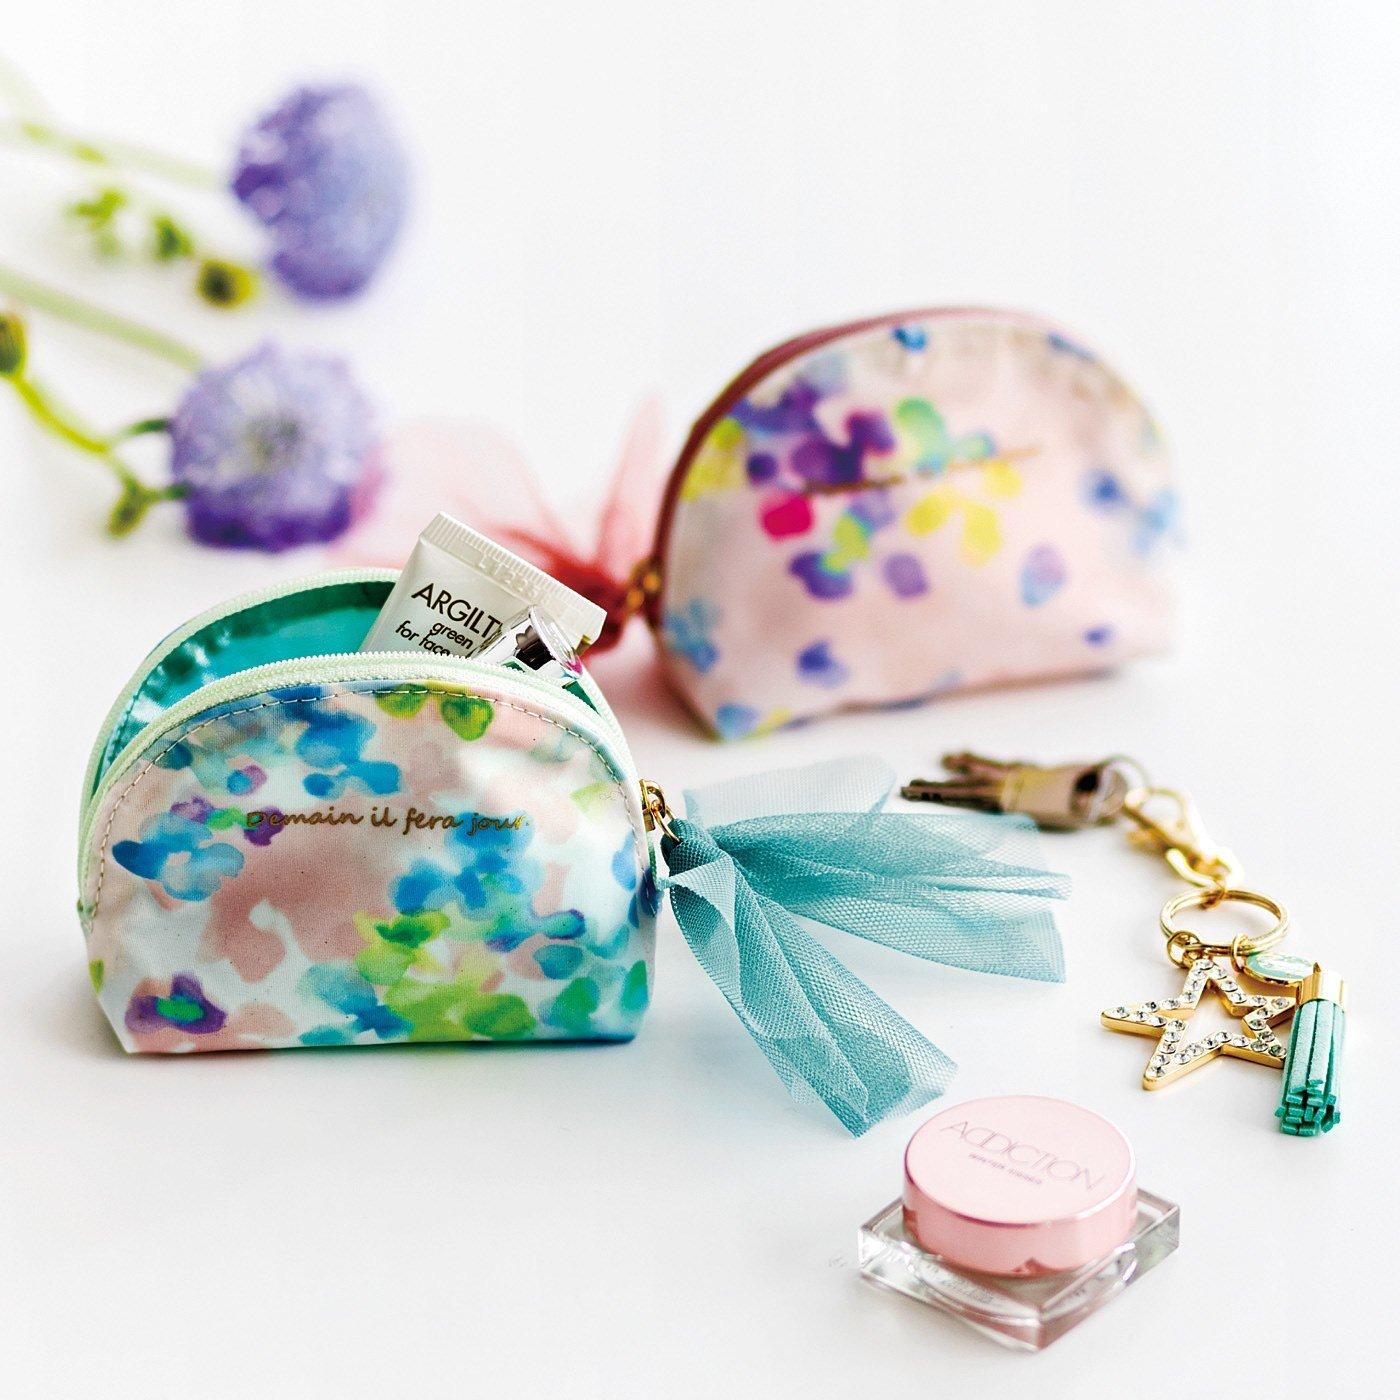 バッグの中の小さな宝石 シェル形の手のりポーチの会